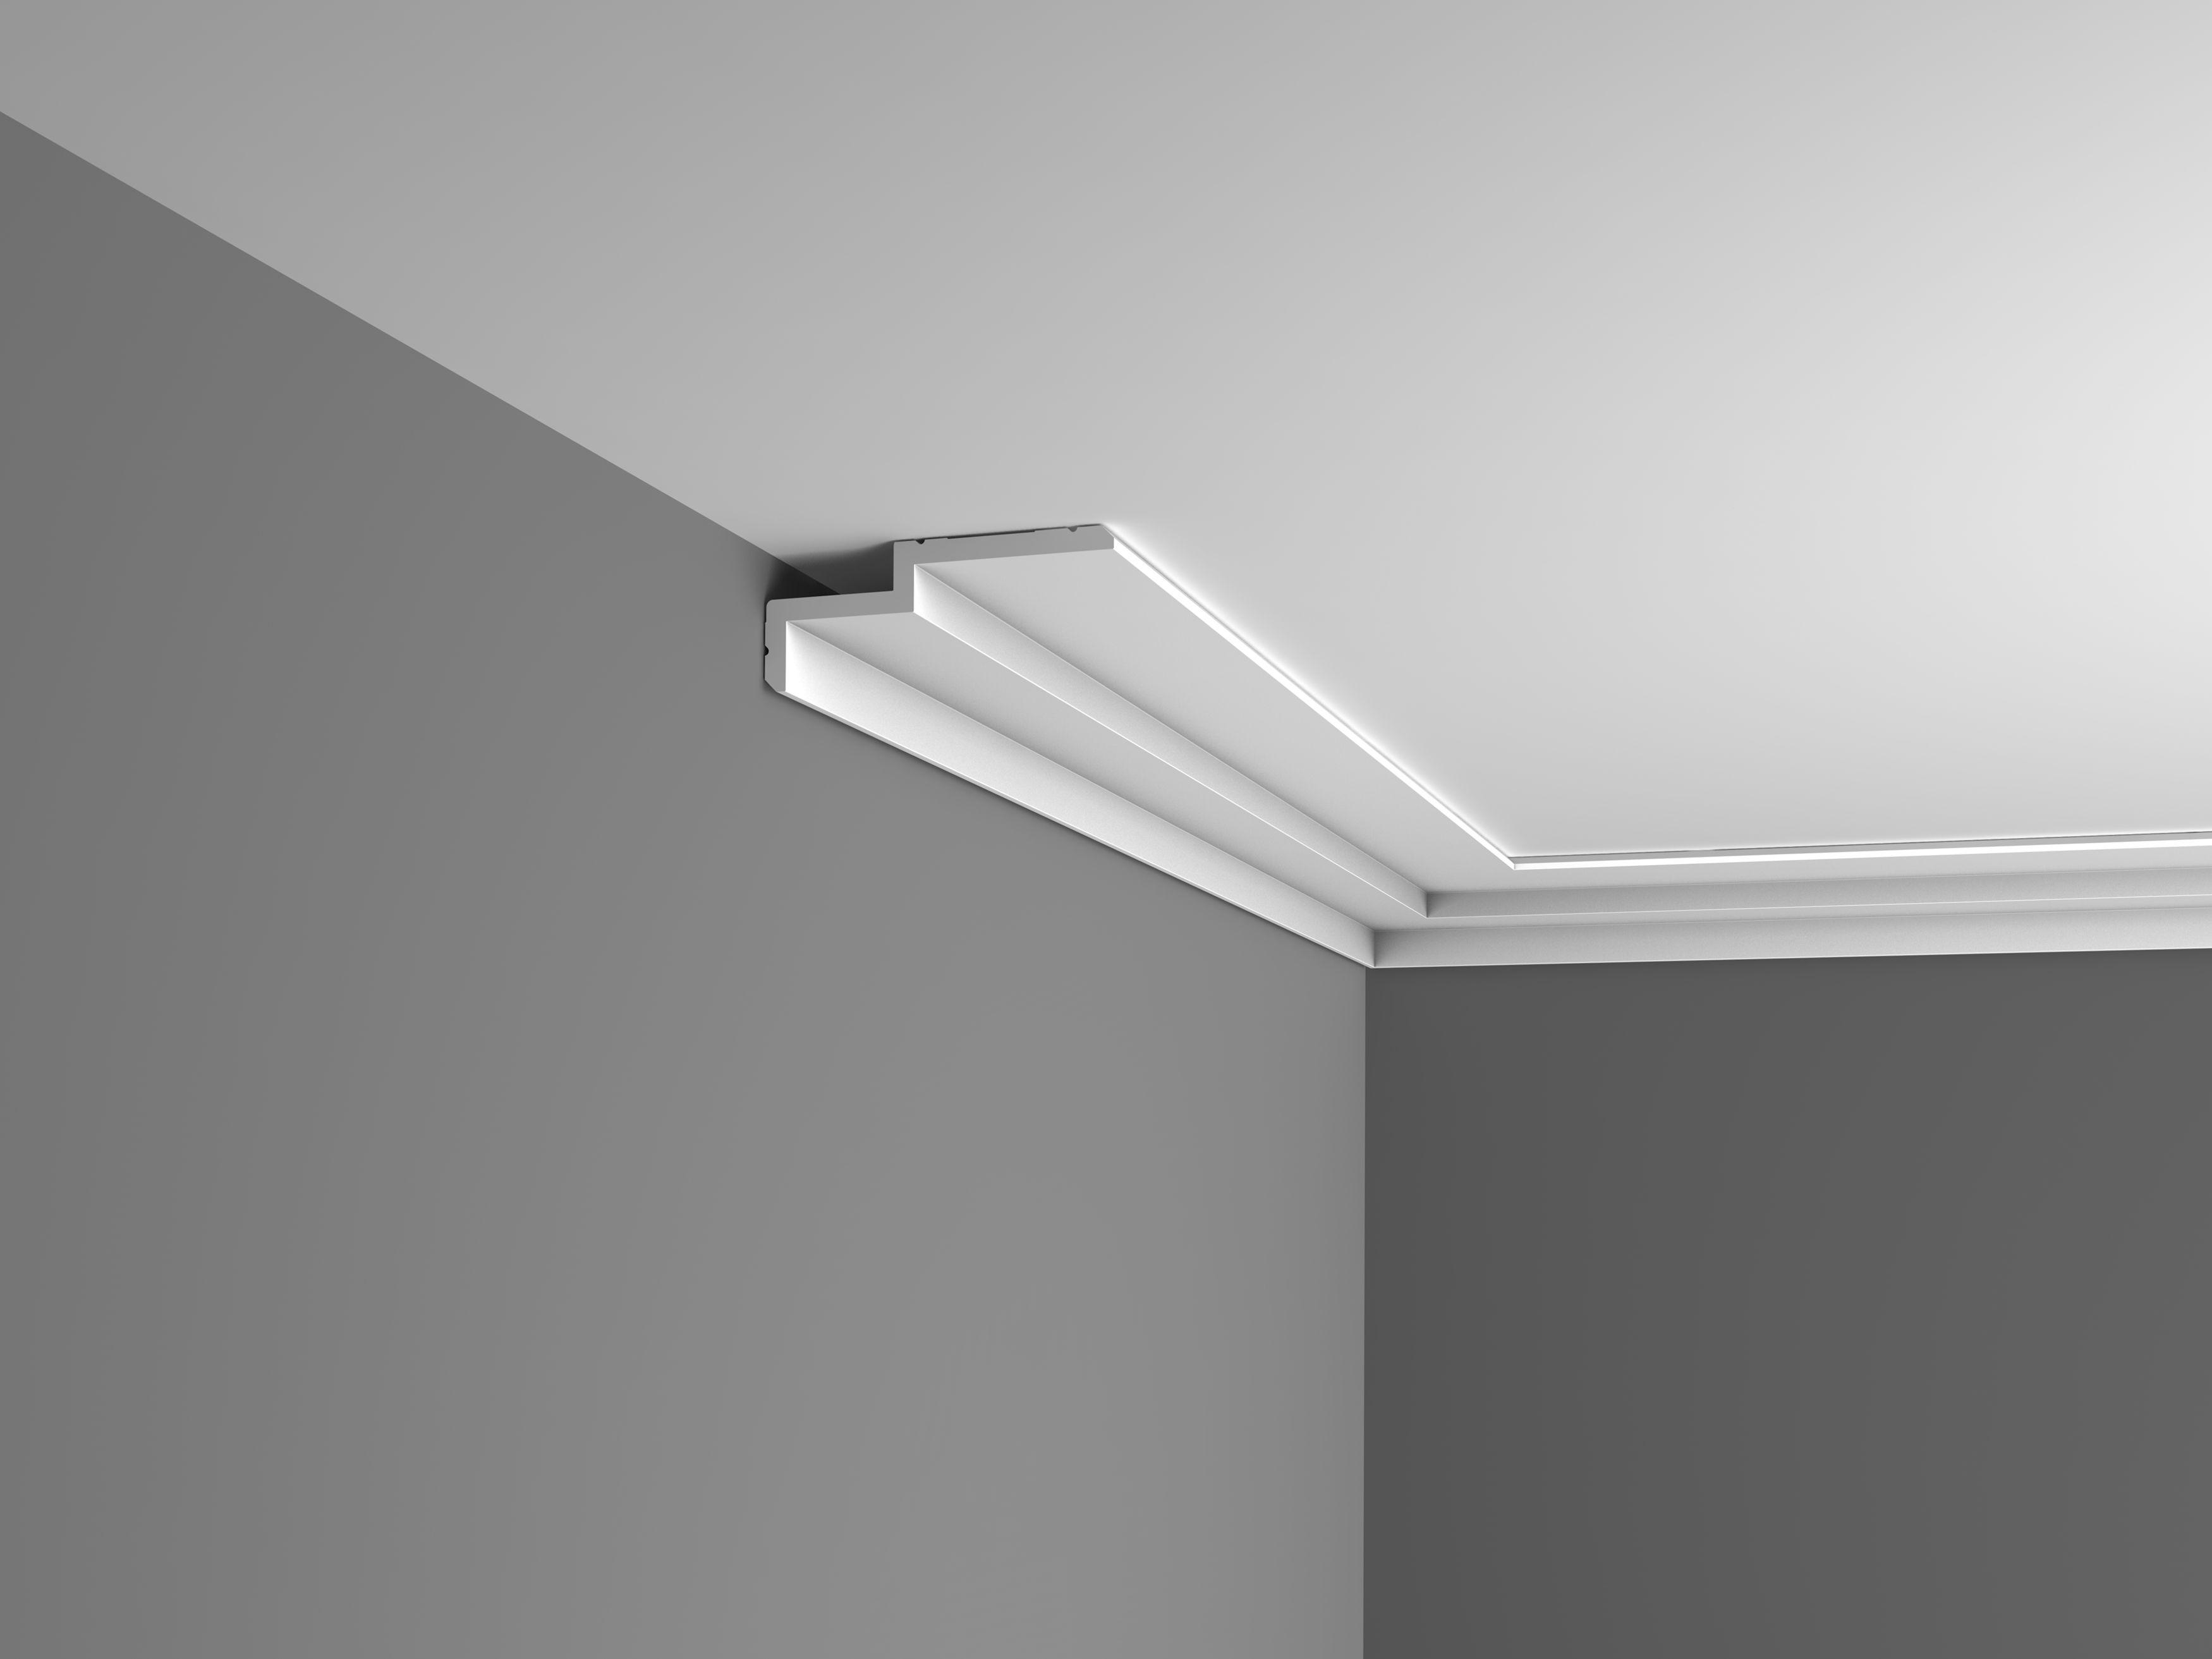 Goulotte Pour Plafond corniche plafond c391 luxxus orac decor éclairage collection